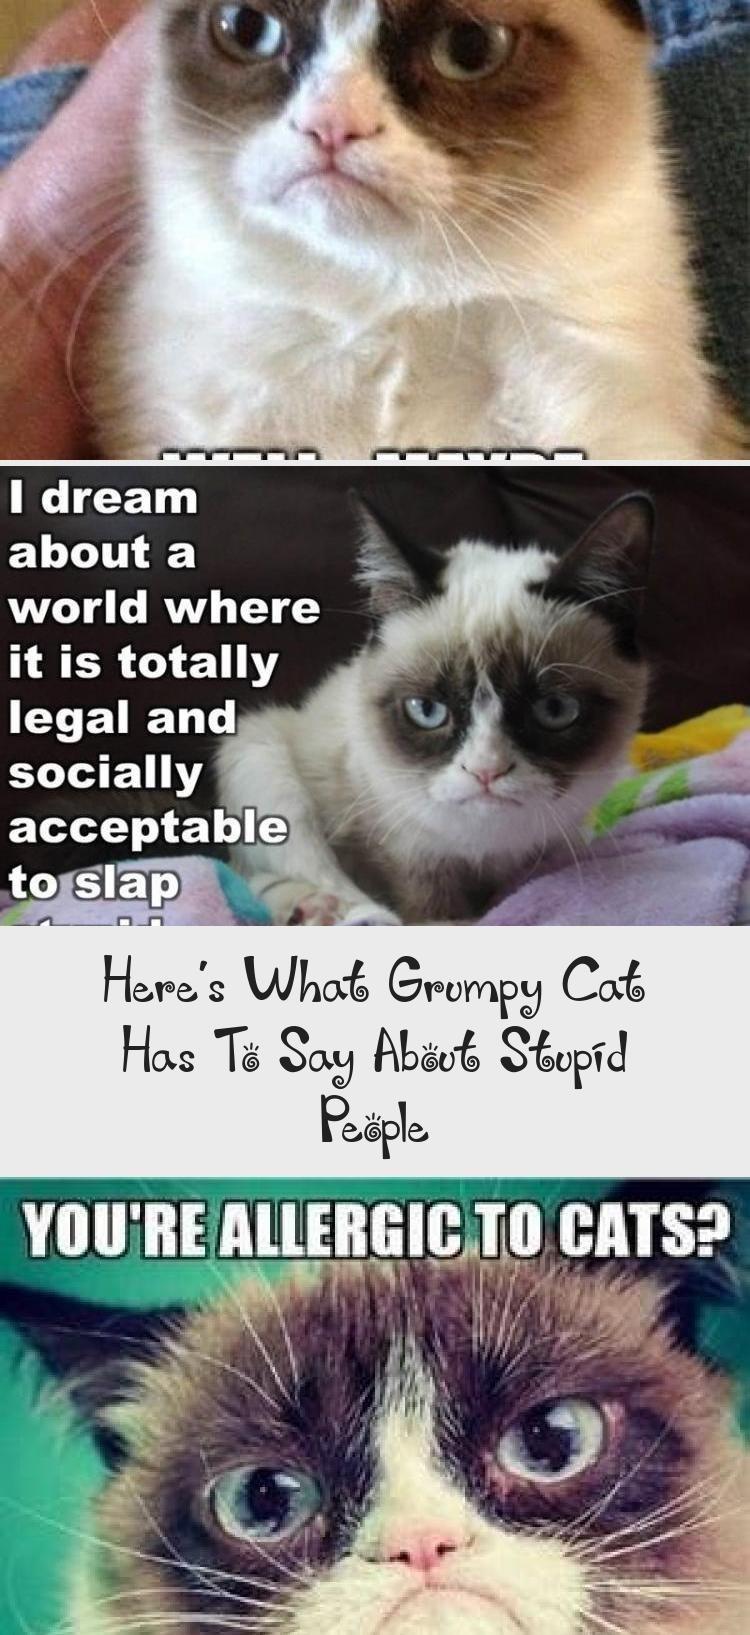 Photo of Esto es lo que Grumpy Cat tiene que decir sobre las personas estúpidas – CATS